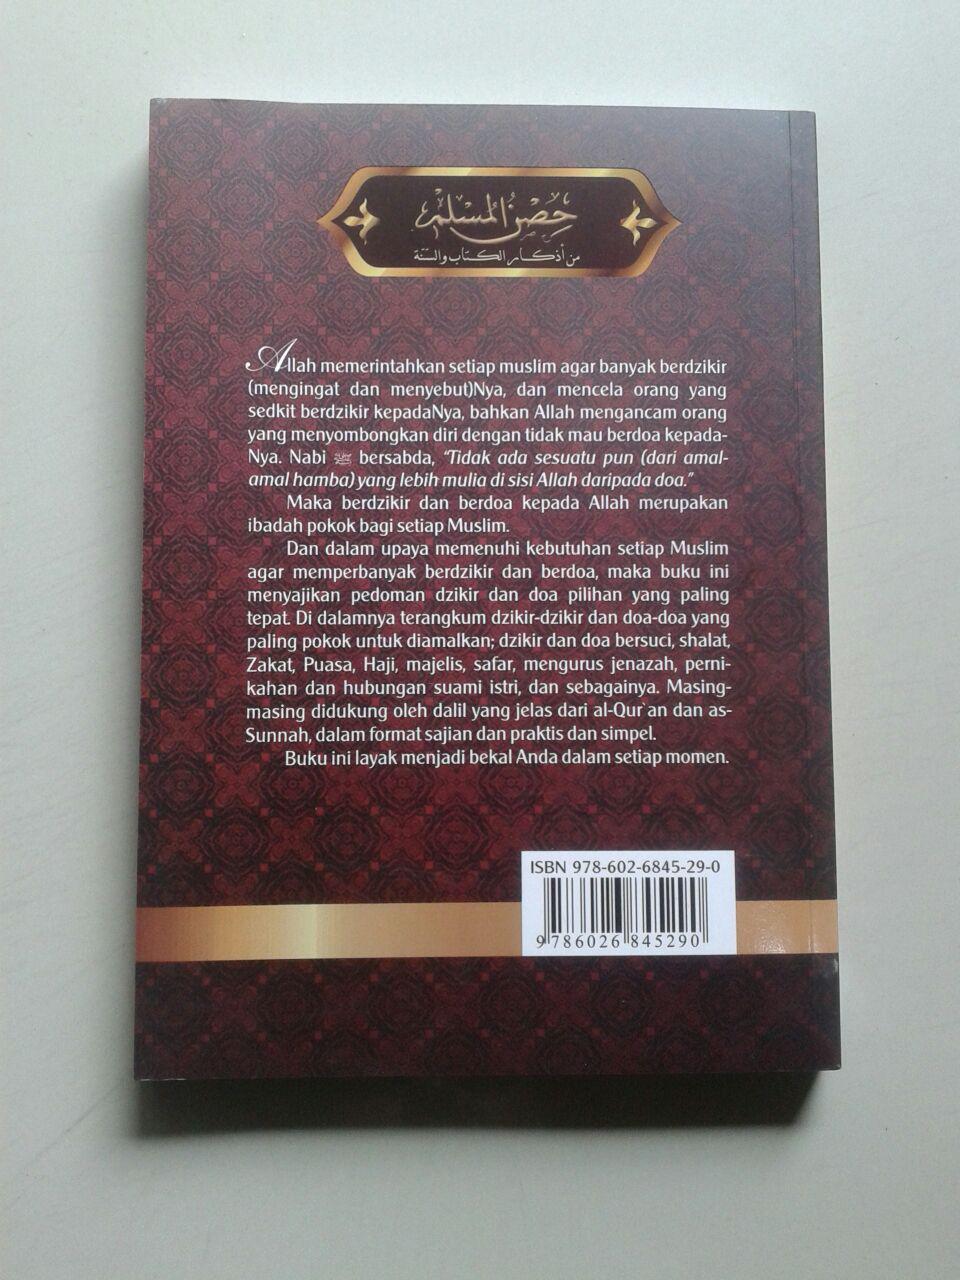 Buku Hisnul Muslim Kumpulan Doa & Dzikir Pilihan cover